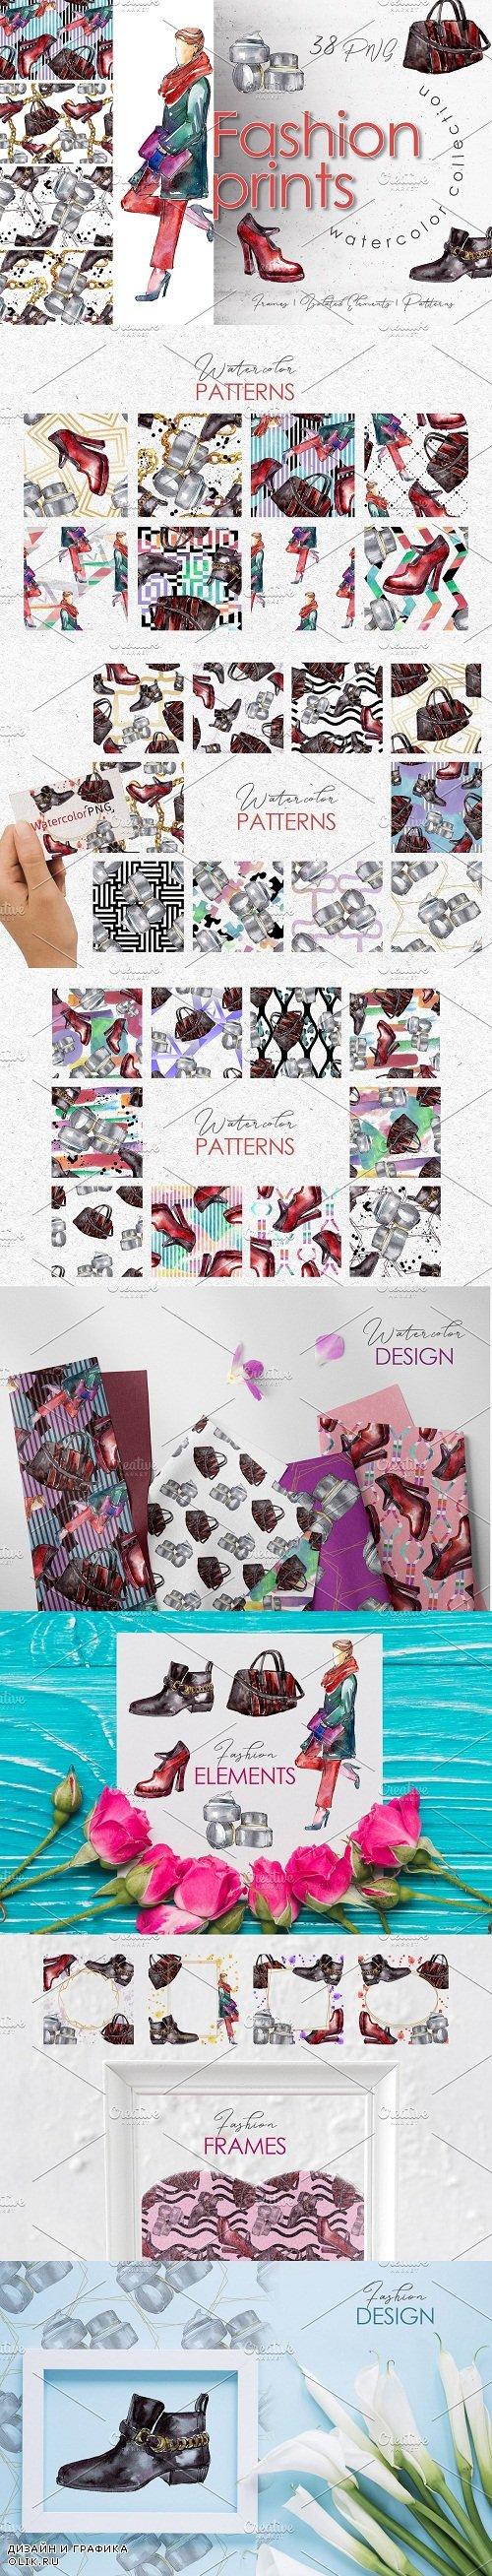 Fashion prints Watercolor png - 3758543